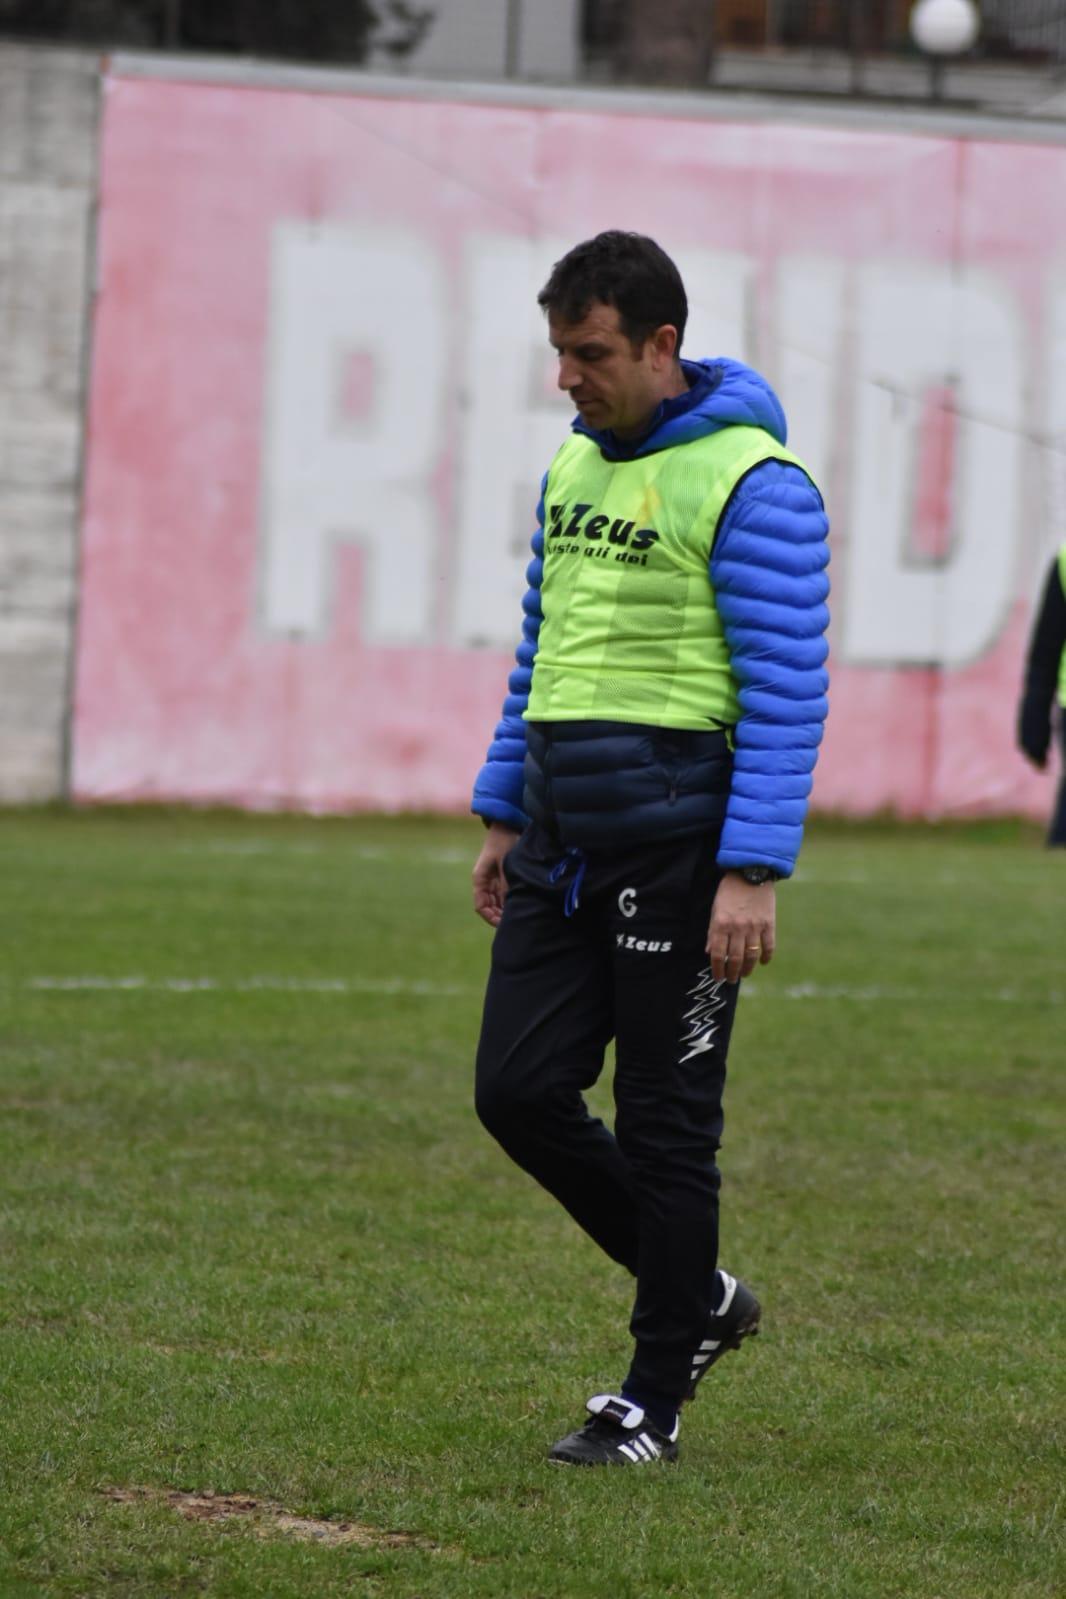 Città di S.Agata 1-0 Polisportiva Santa Maria, post-gara con mister Esposito